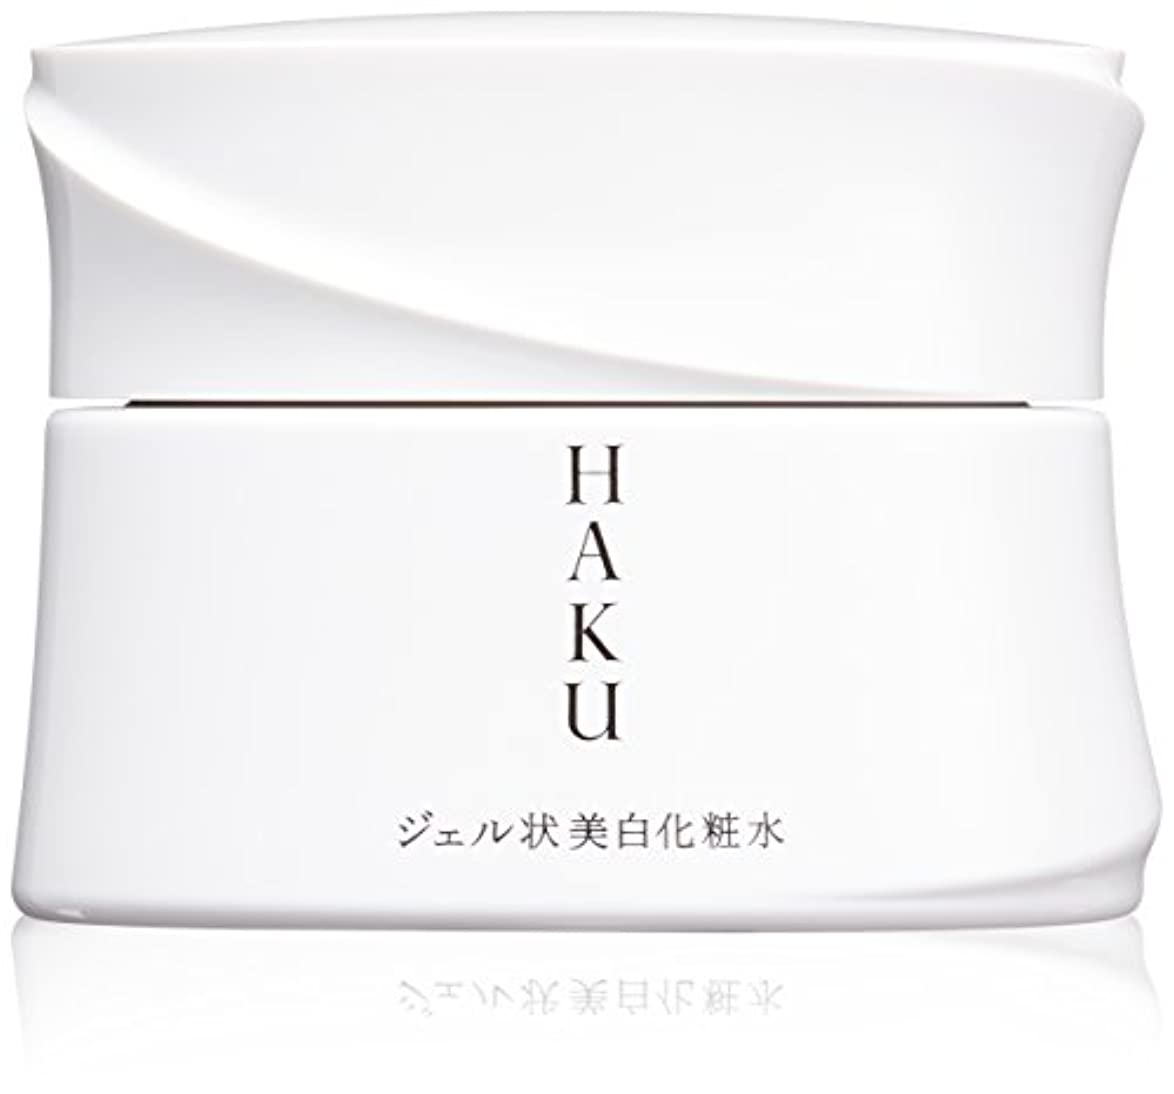 学者反動ブリークHAKU メラノディープモイスチャー 美白化粧水 100g 【医薬部外品】